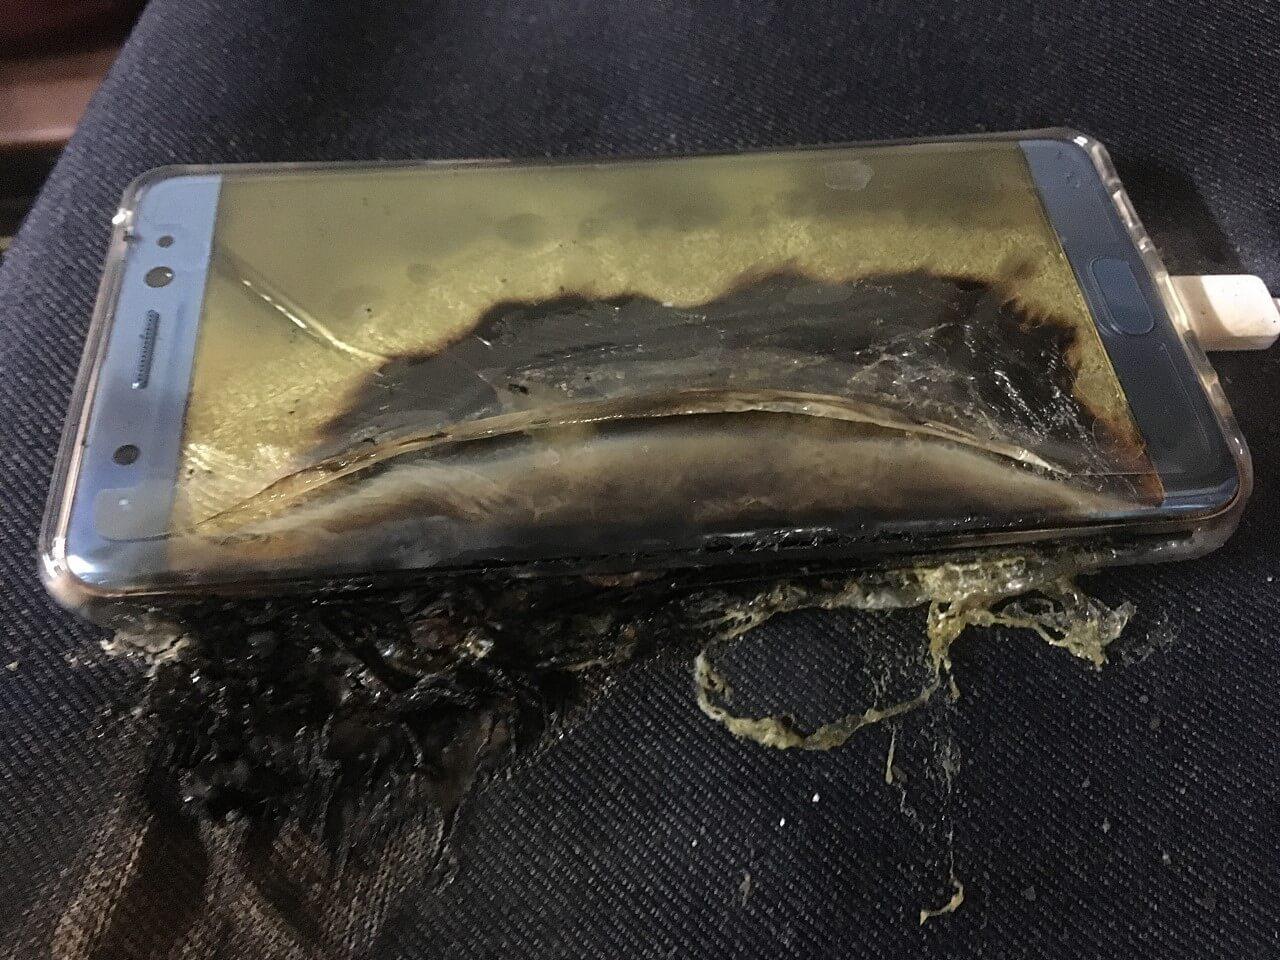 pplware samsung explicacao bateria00 - Por que baterias podem pegar fogo e até explodir?